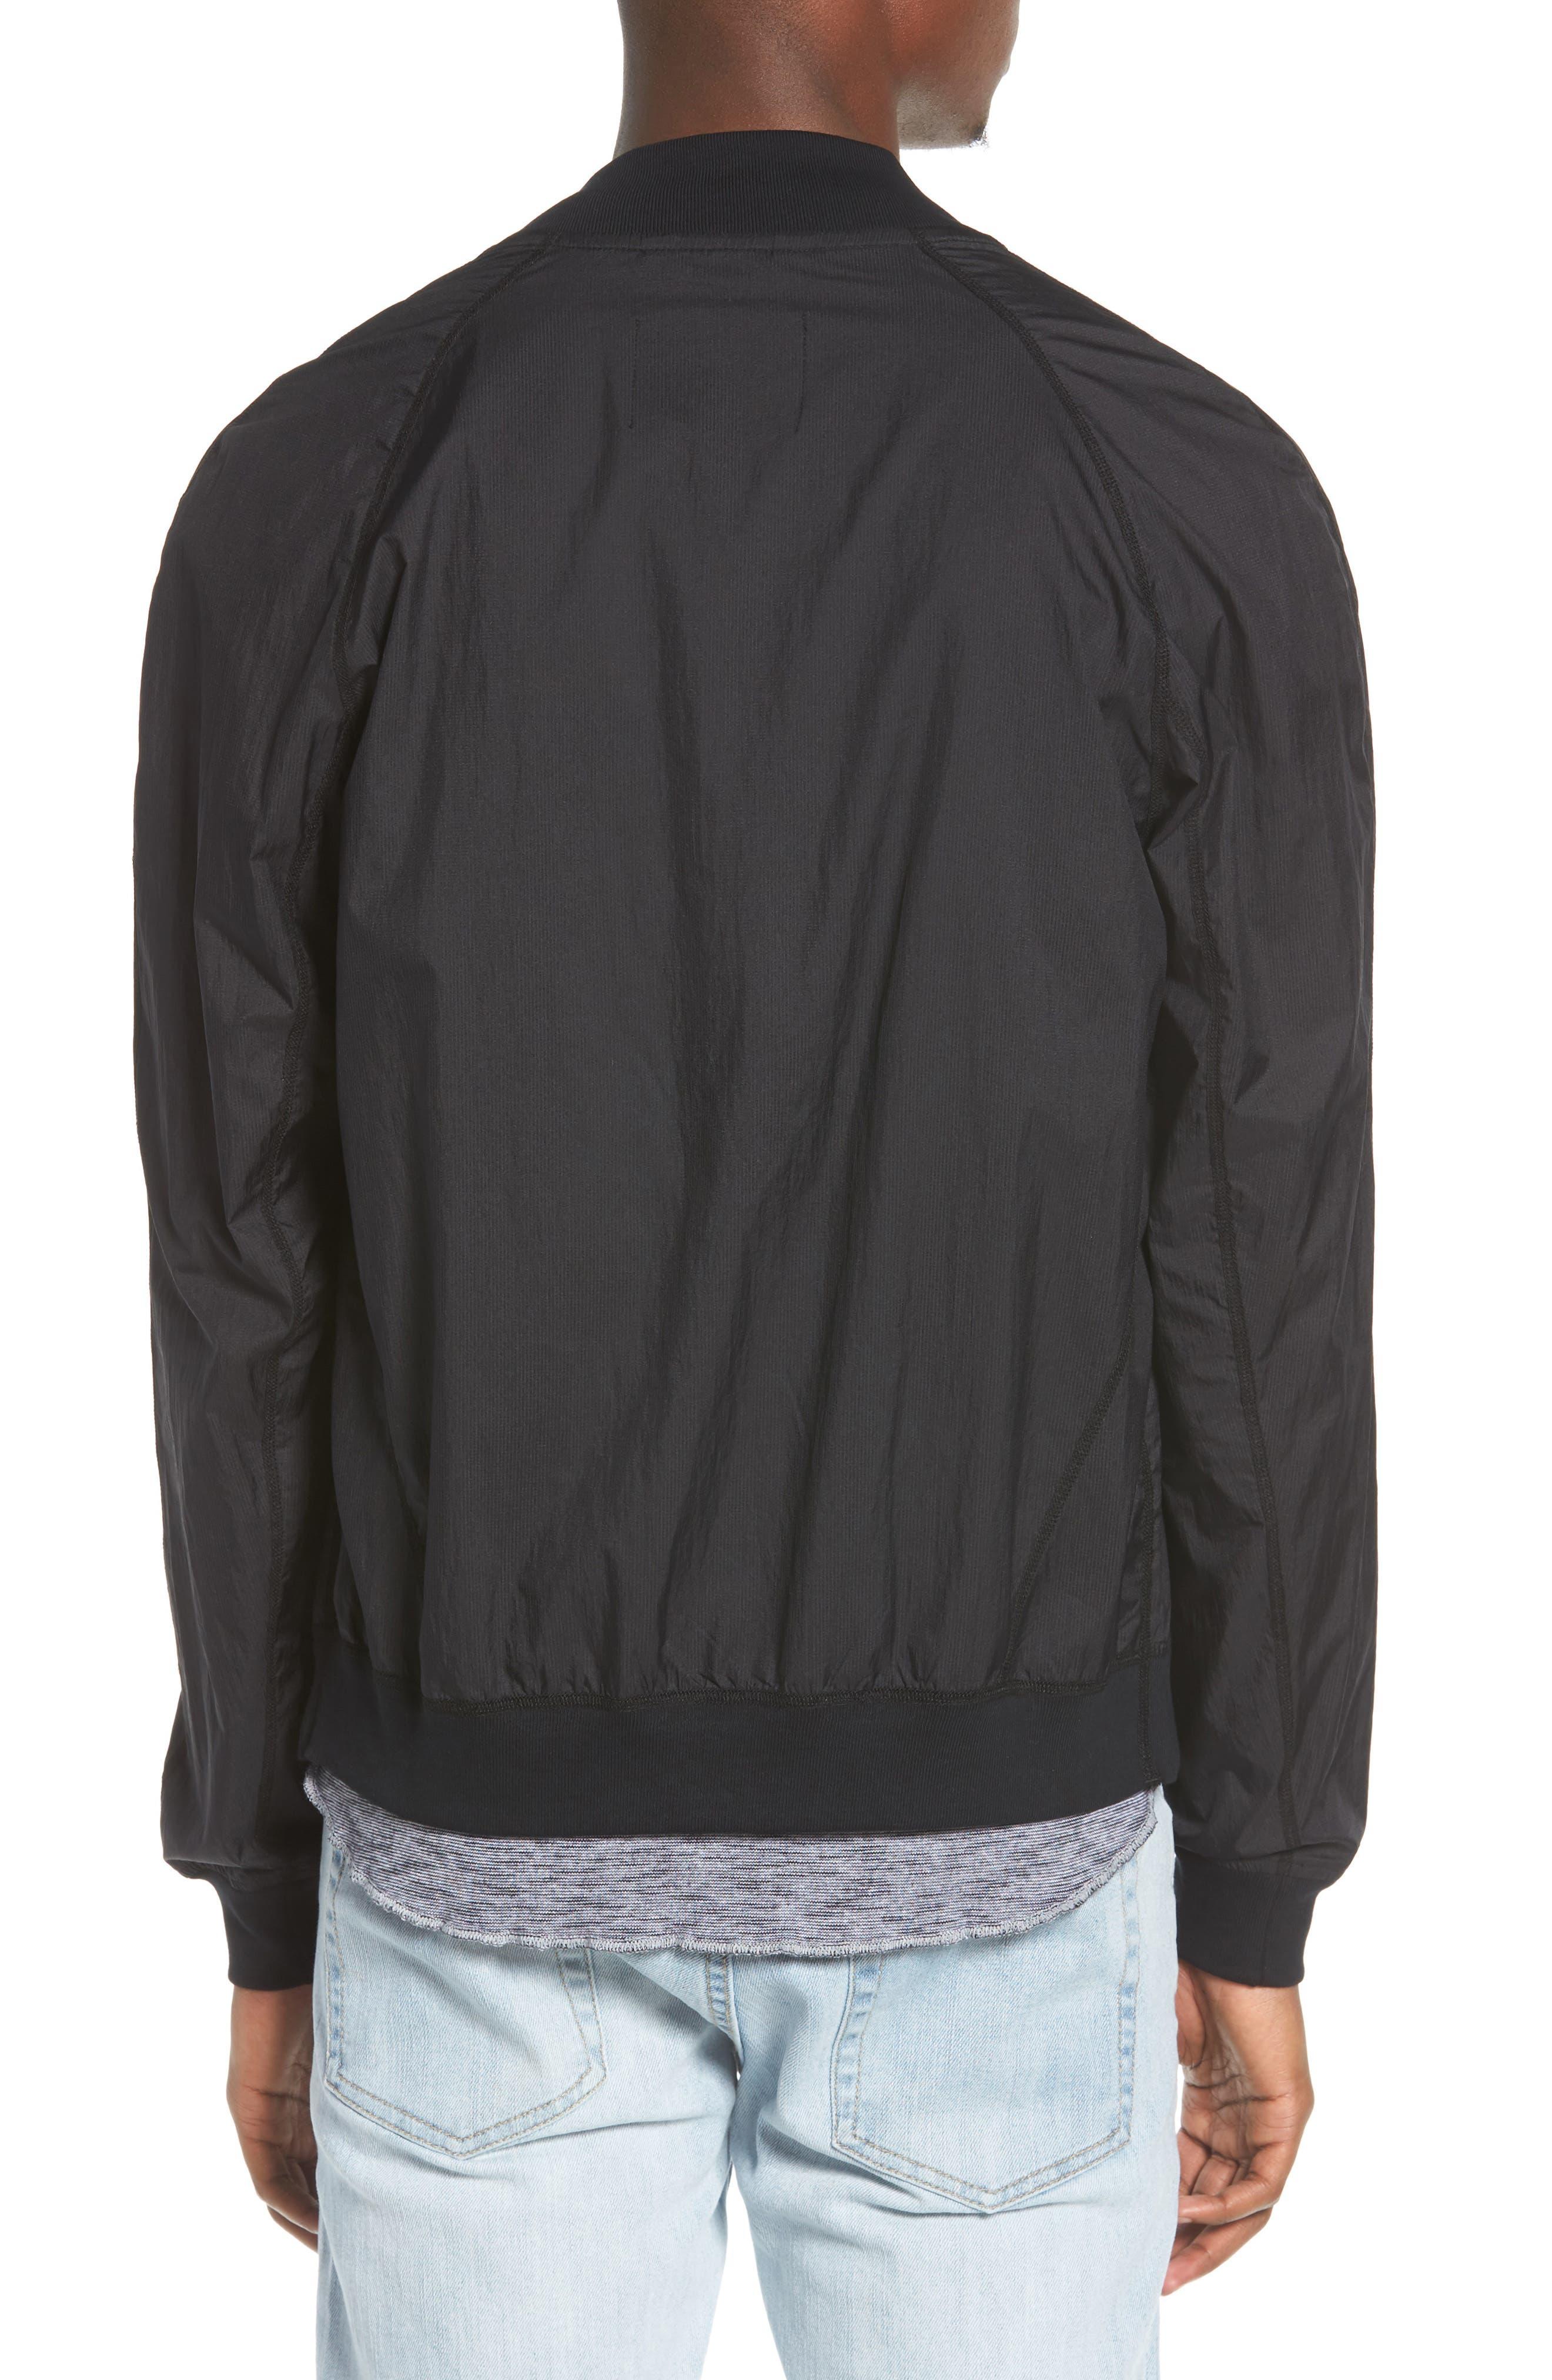 Souvenir Jacket,                             Alternate thumbnail 2, color,                             001